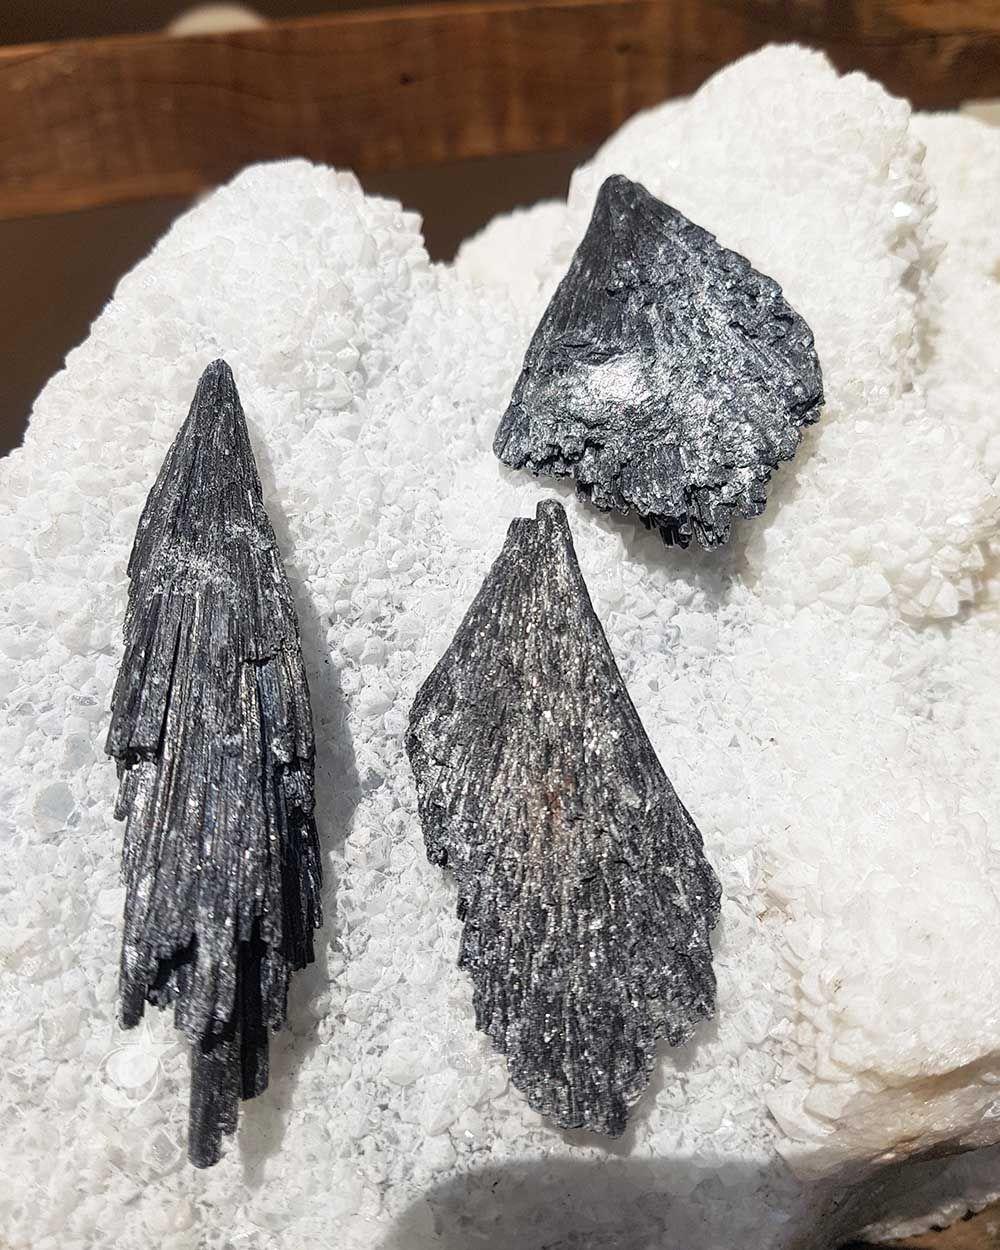 VASSOURA DA BRUXA - UNIDADE - média 5,5 a 7,5 cm (24 a 35g)